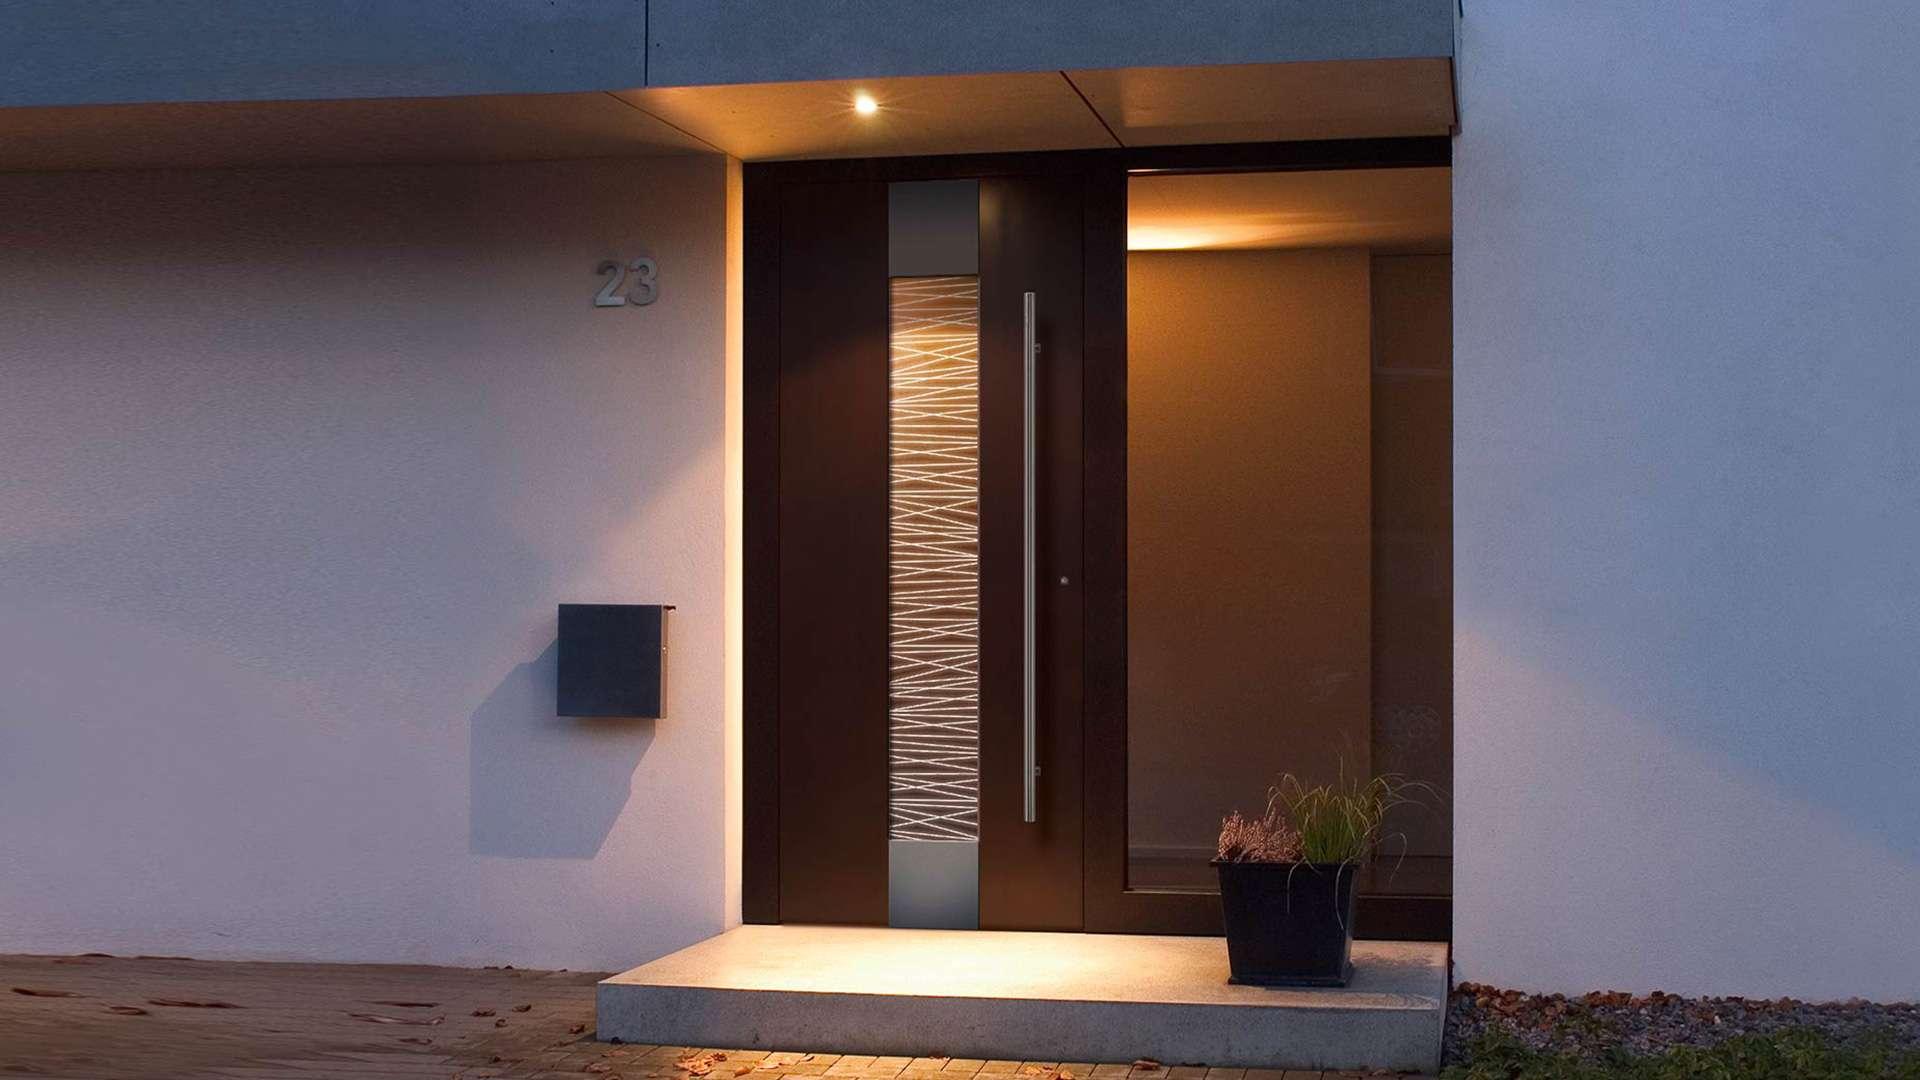 beleuchtete Haustür in weißer Fassade